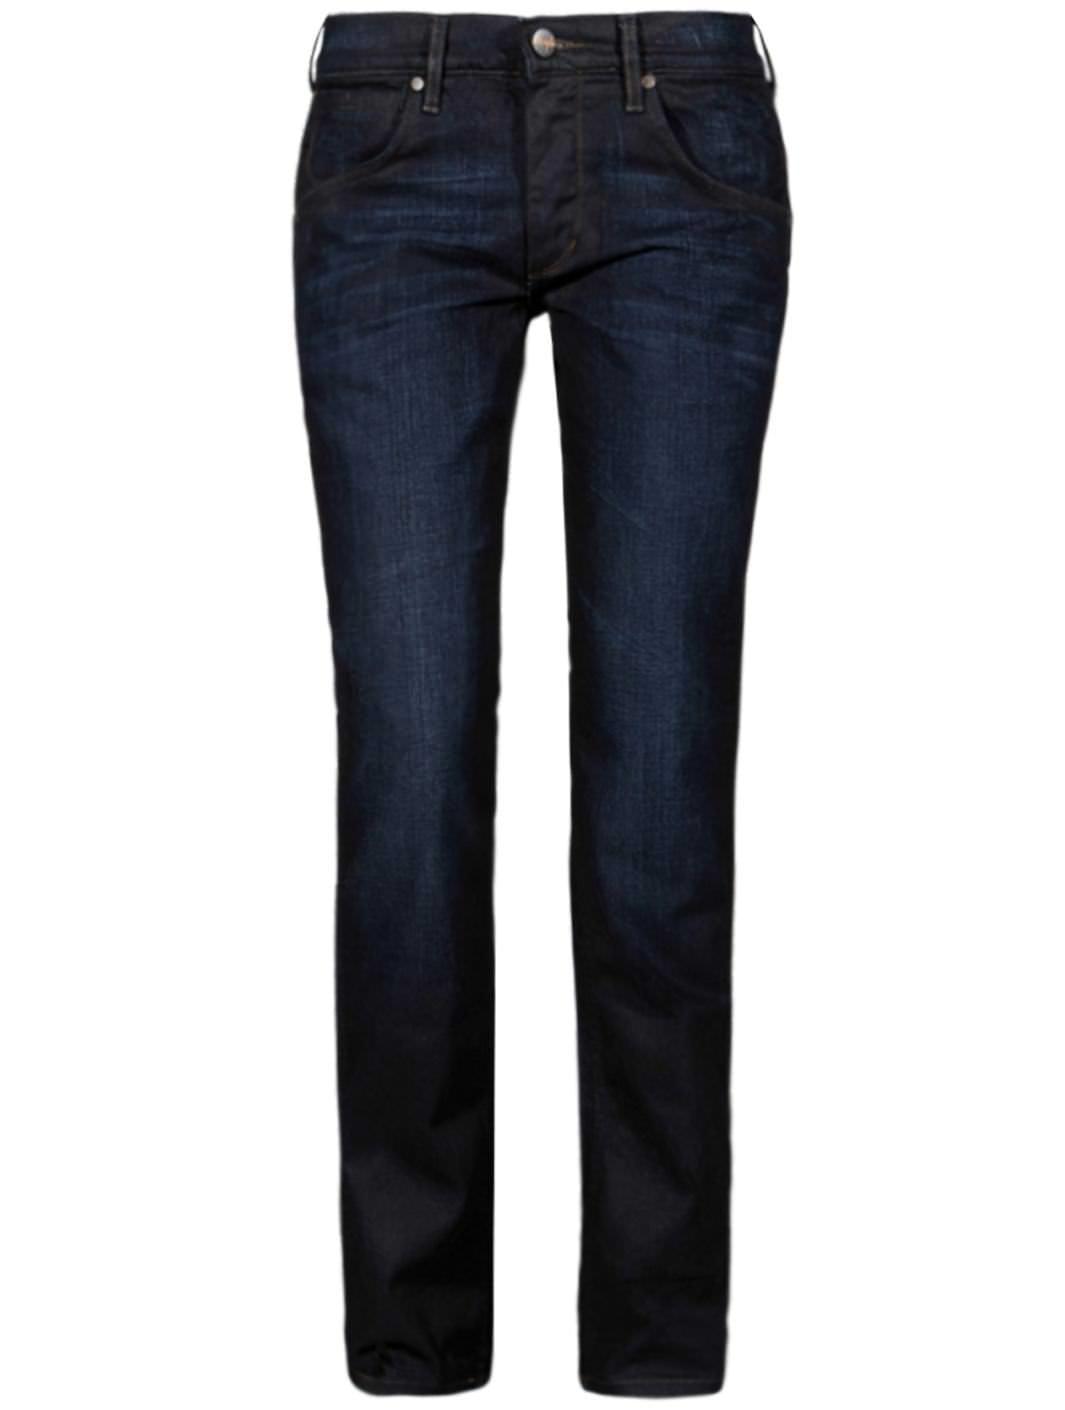 1522 jeans wrangler crank 1 le barboteur. Black Bedroom Furniture Sets. Home Design Ideas